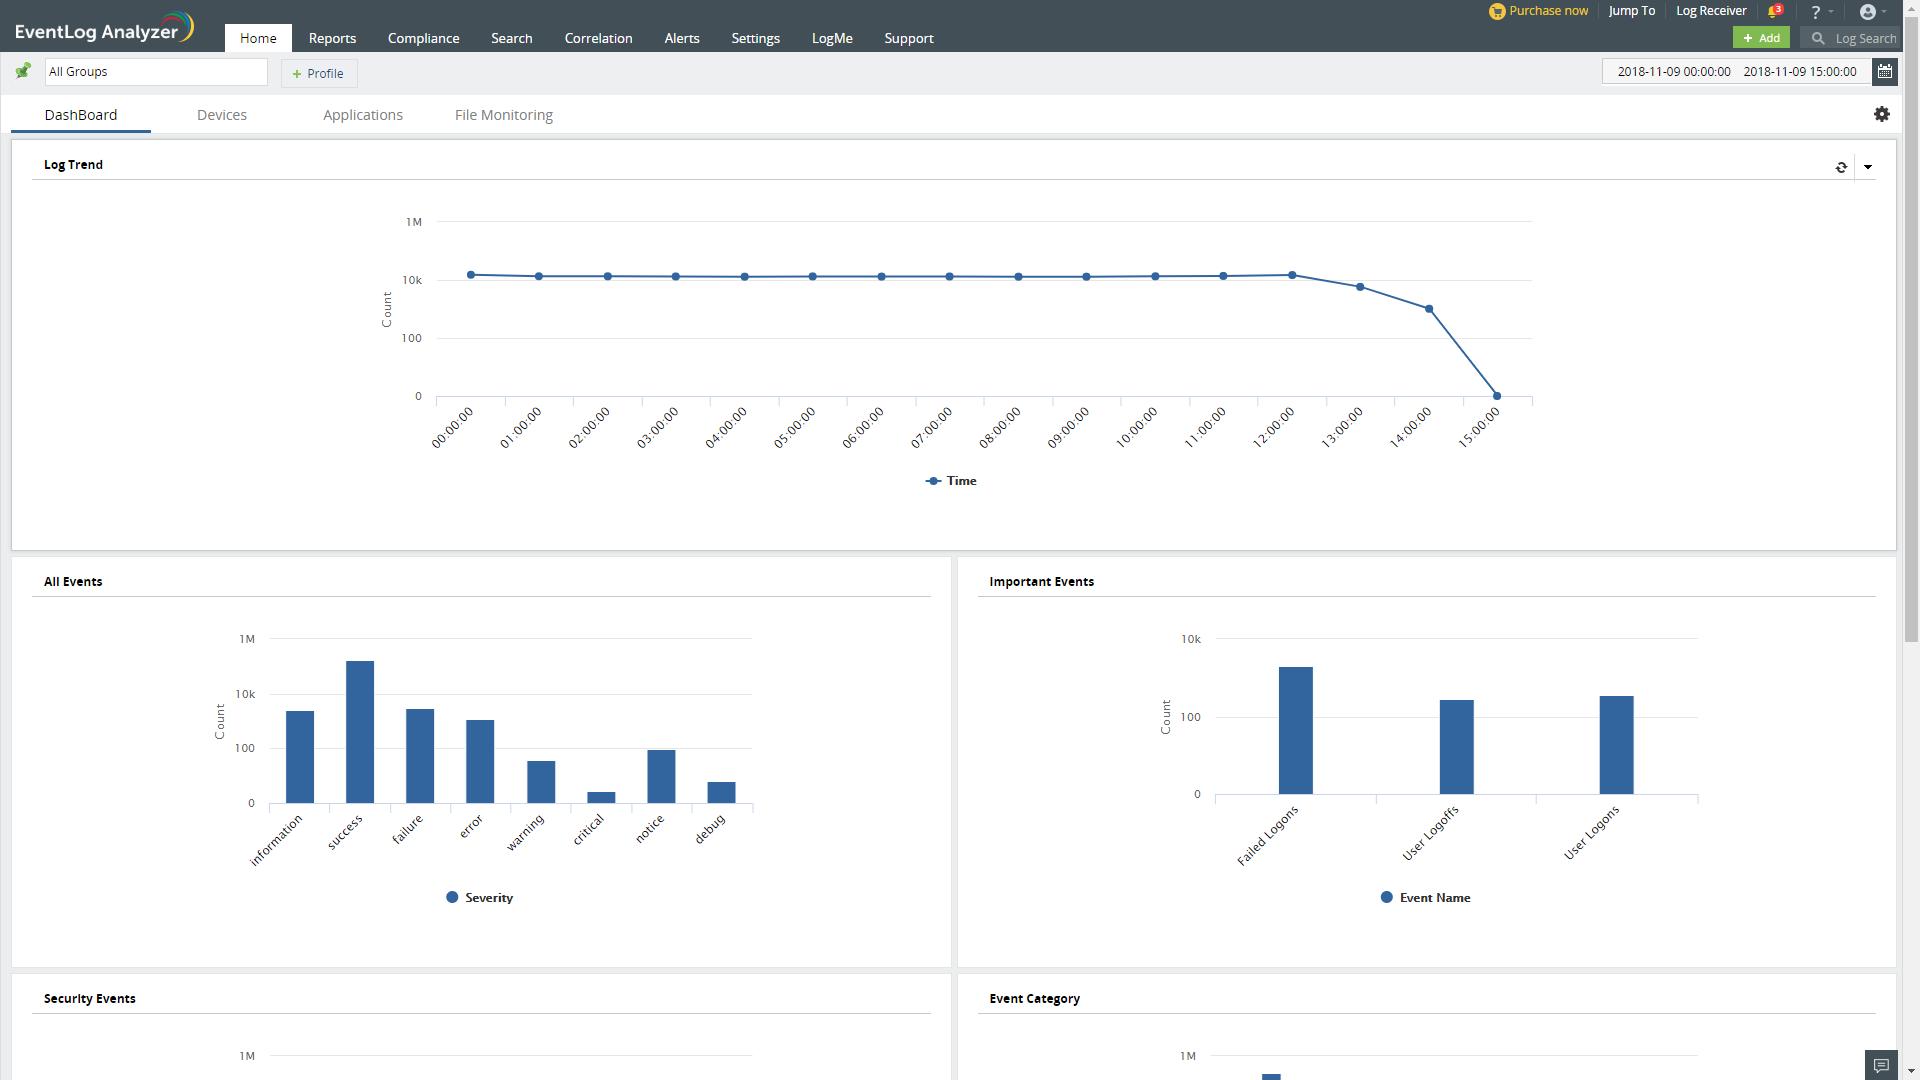 ManageEngine EventLog Analyzer Software - EventLogAnalyzer dashboard screenshot